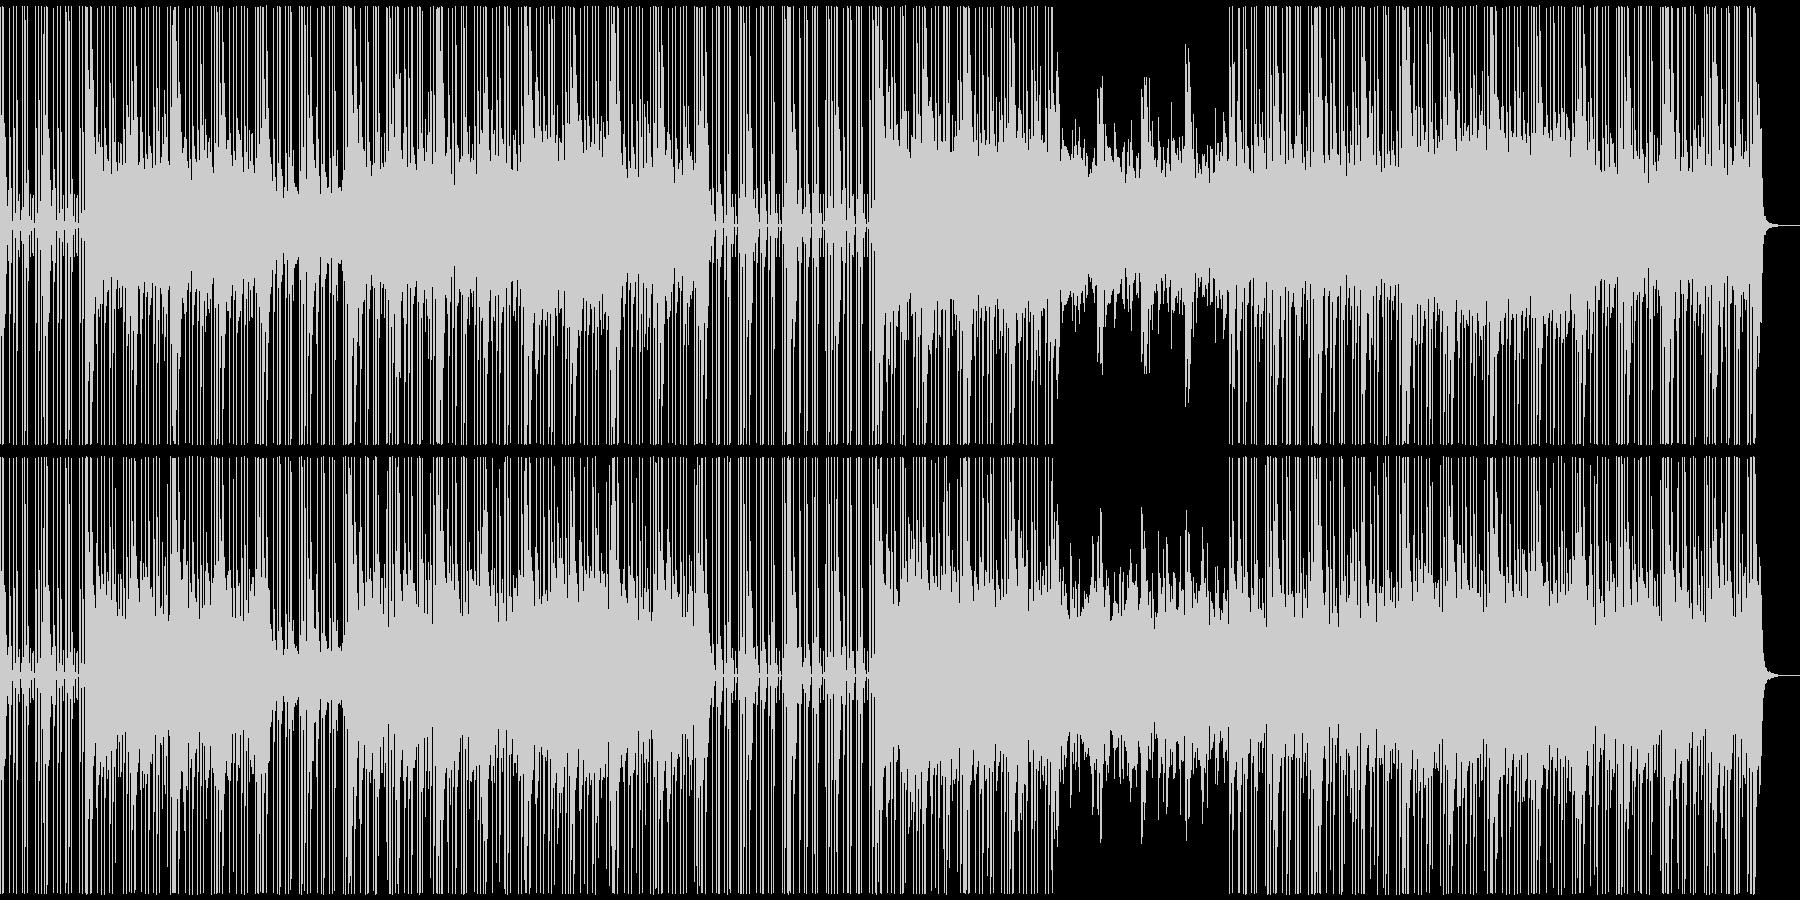 暗い雰囲気のHipHopトラックの未再生の波形